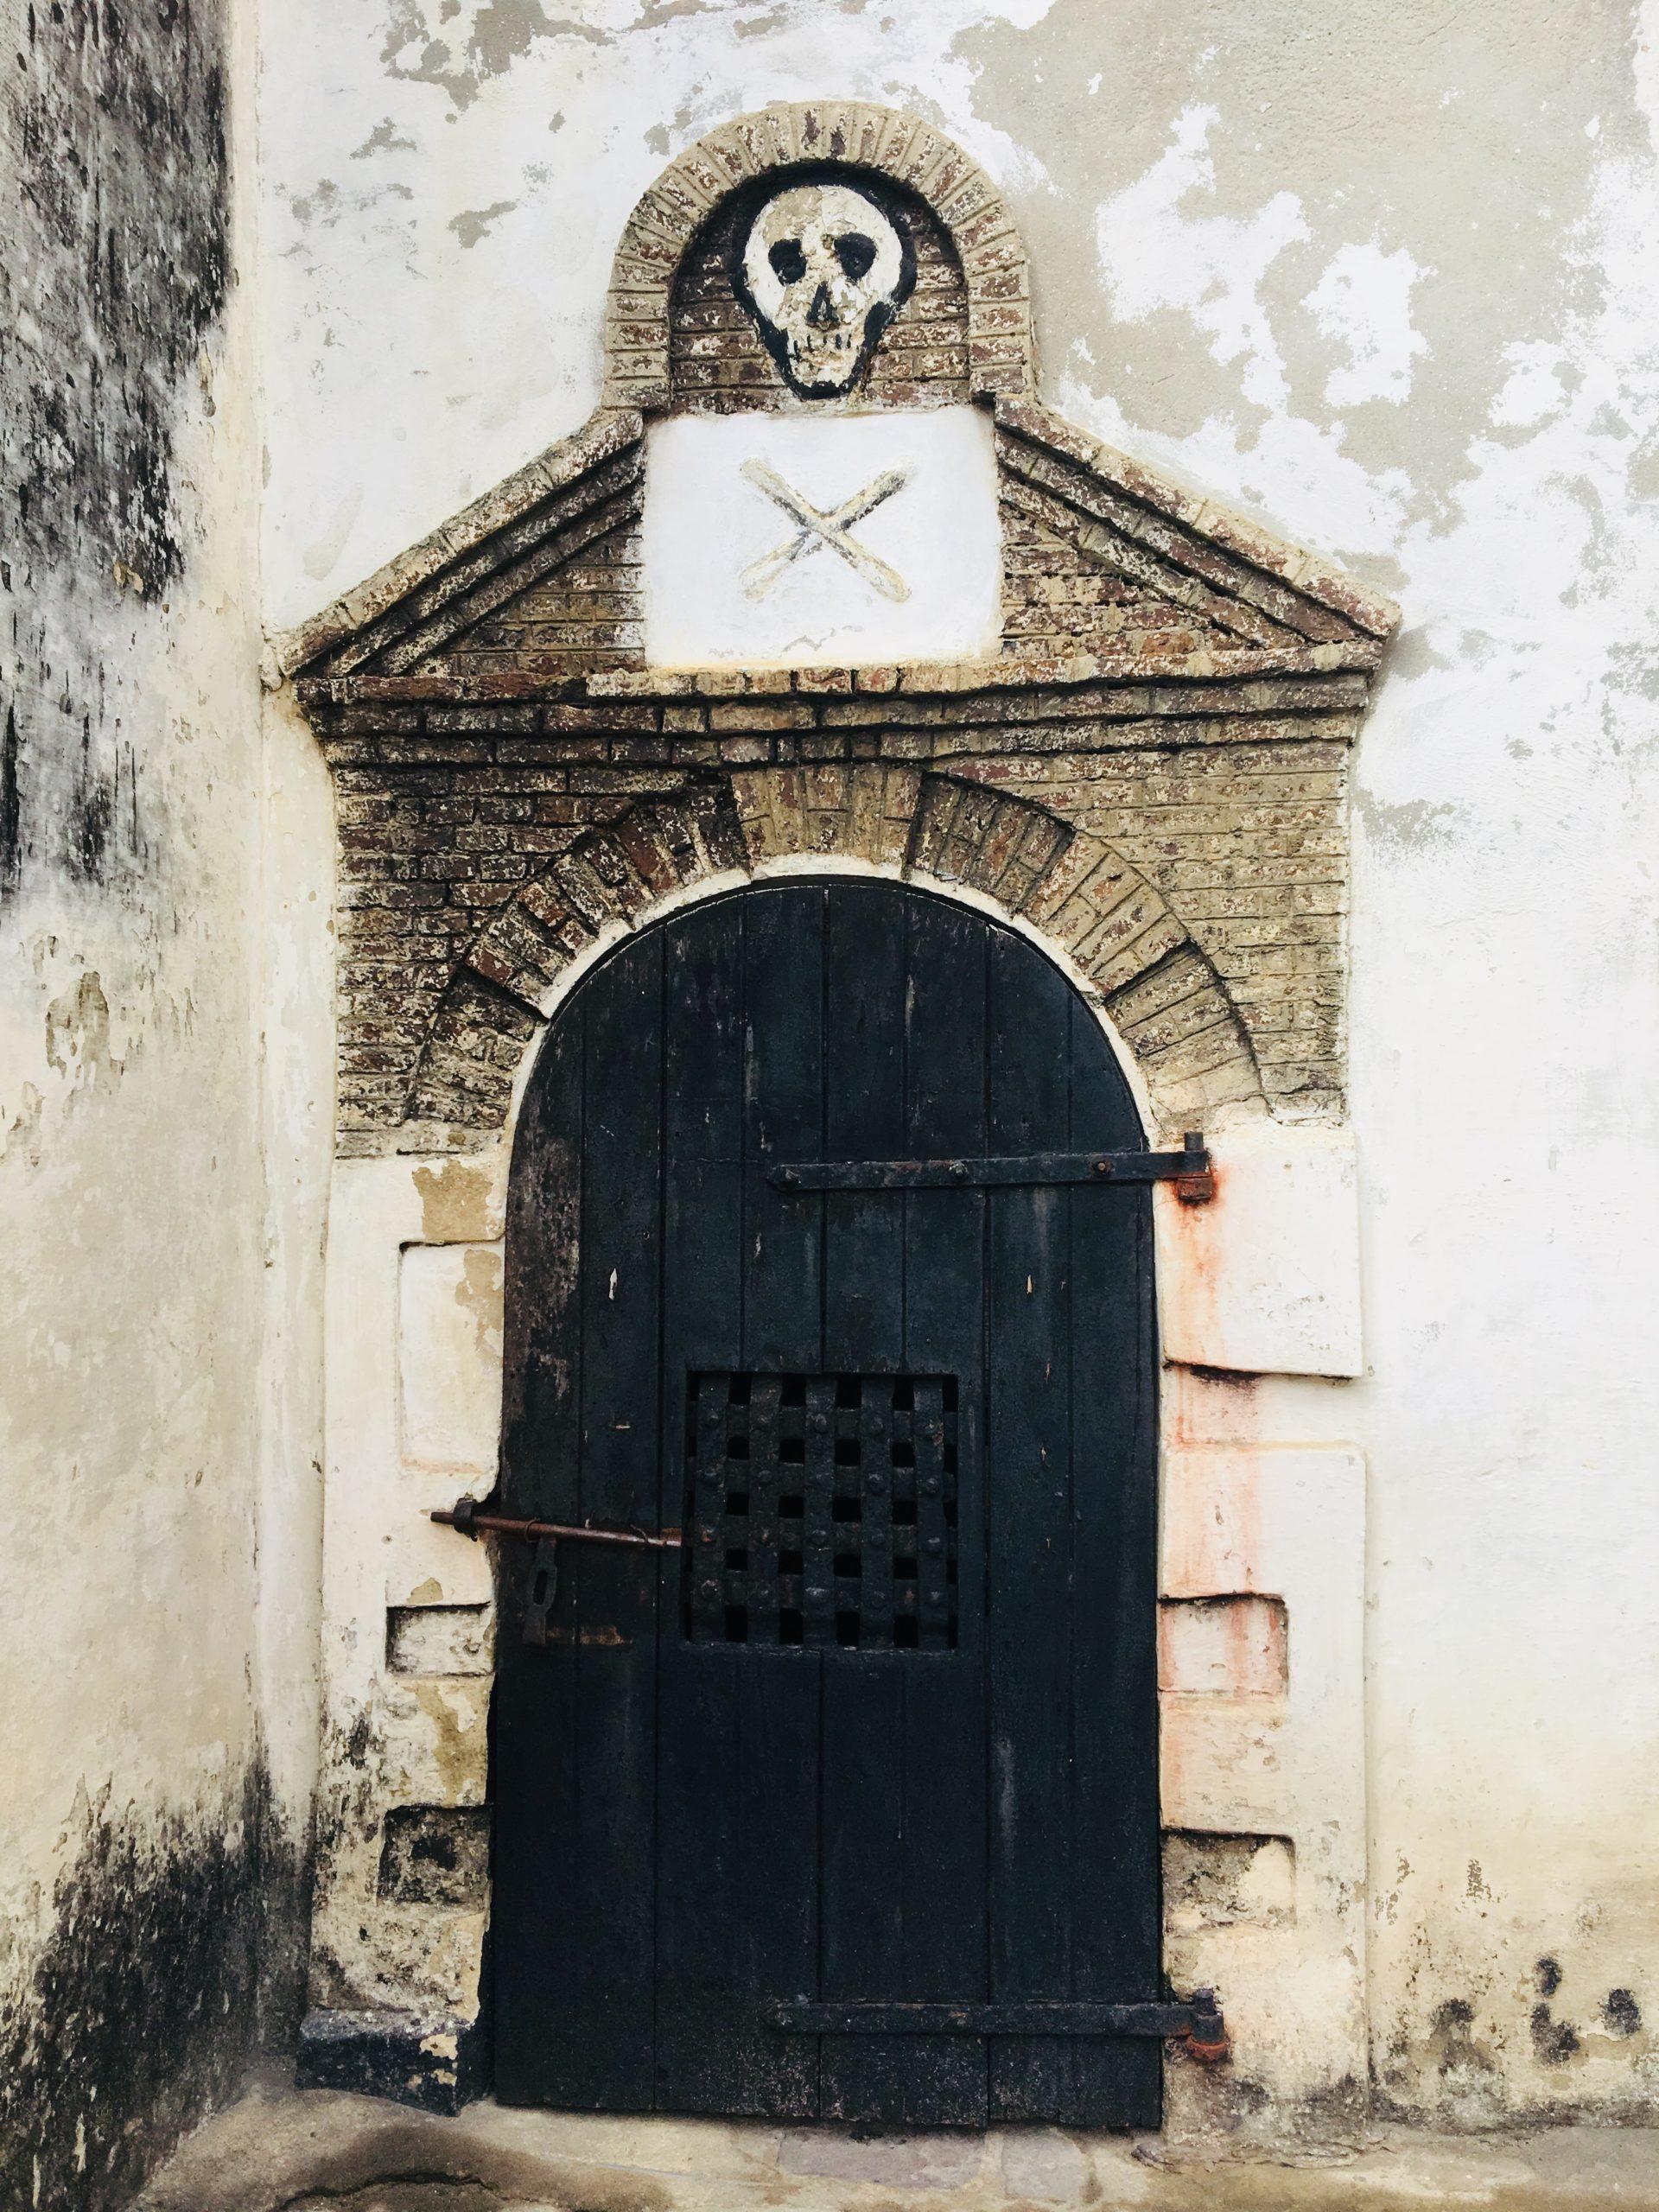 DOOR_OF_NO_RETURN.jpeg